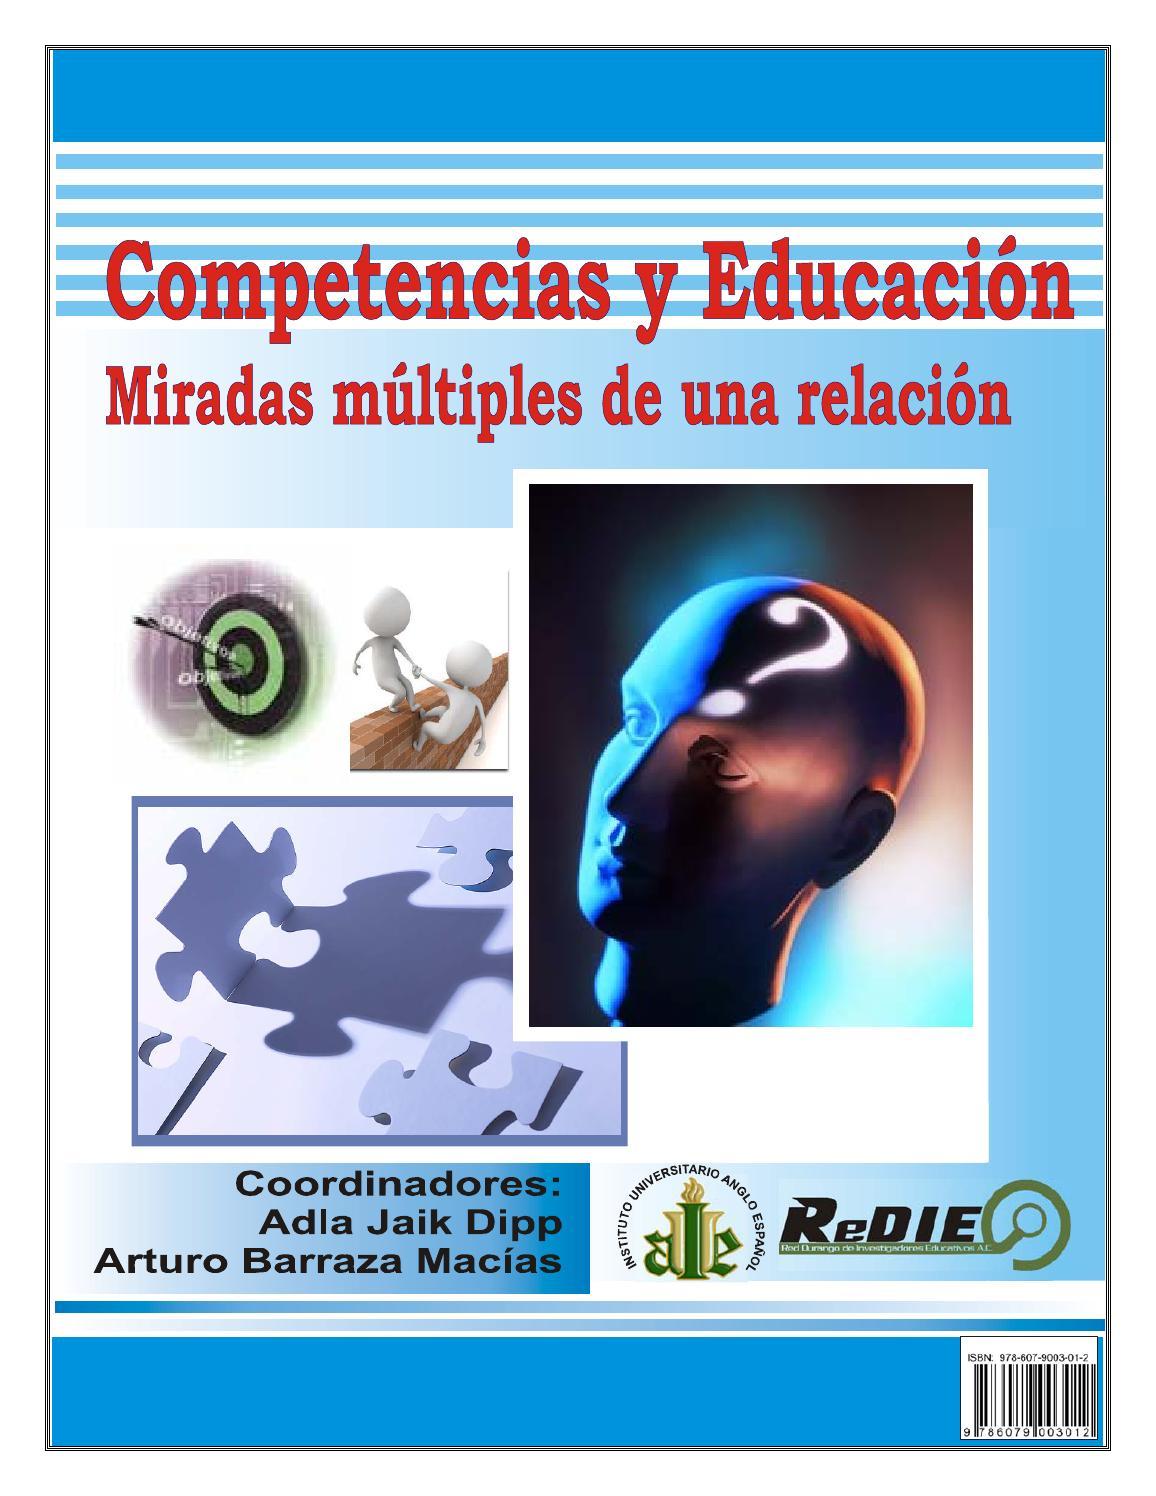 Libro competencias y educacion by CIFE, Centro Universitario - issuu